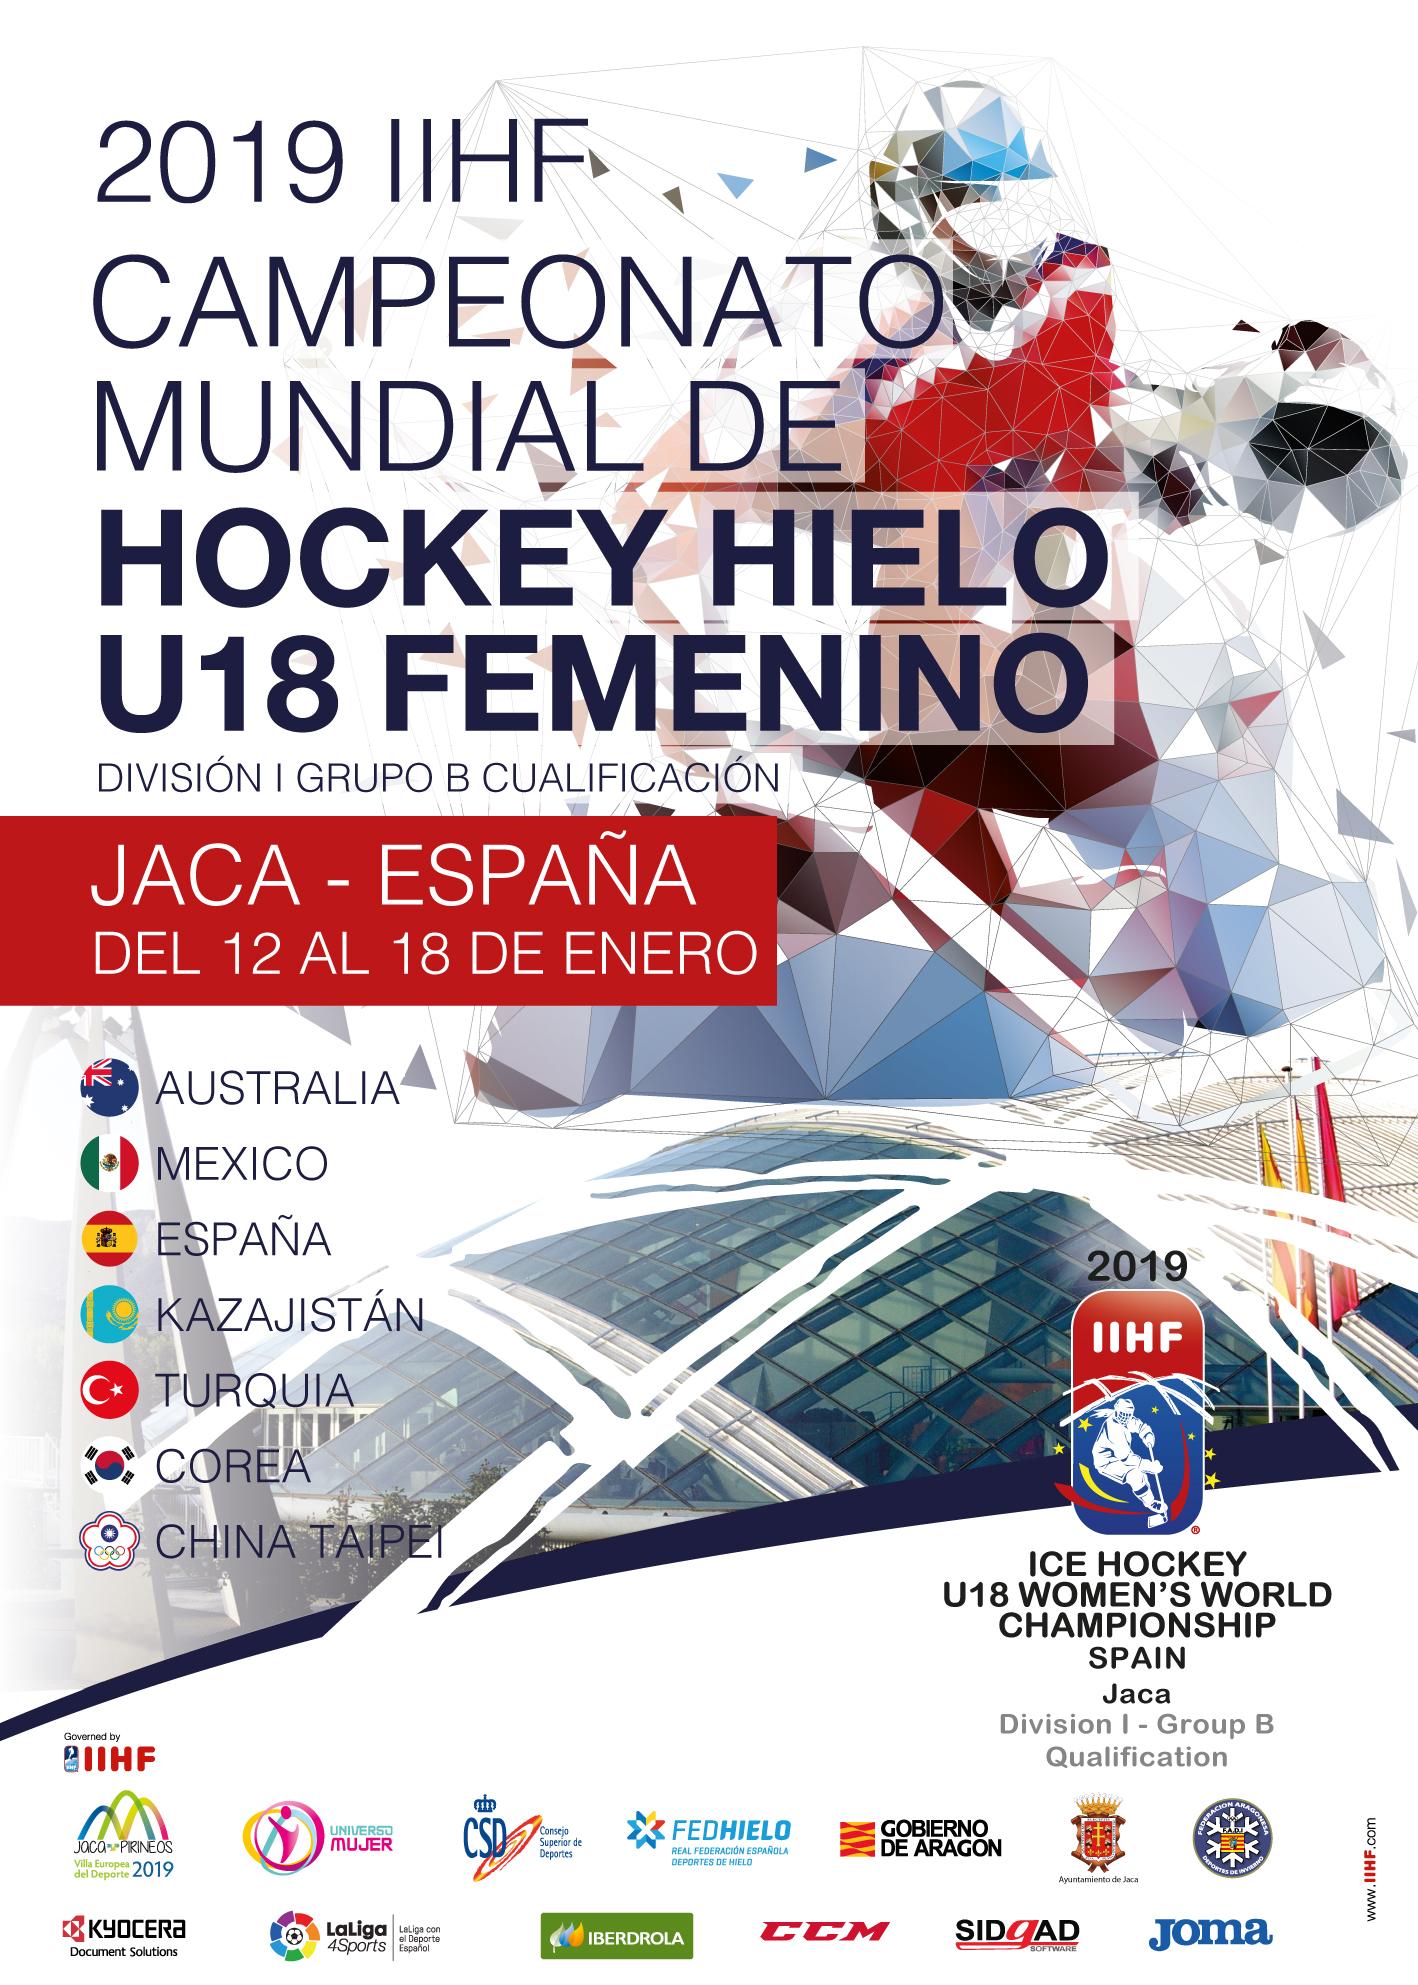 Campeonato Mundial de Hockey Hielo Femenino U18 Div 1 Grupo B Cualificación